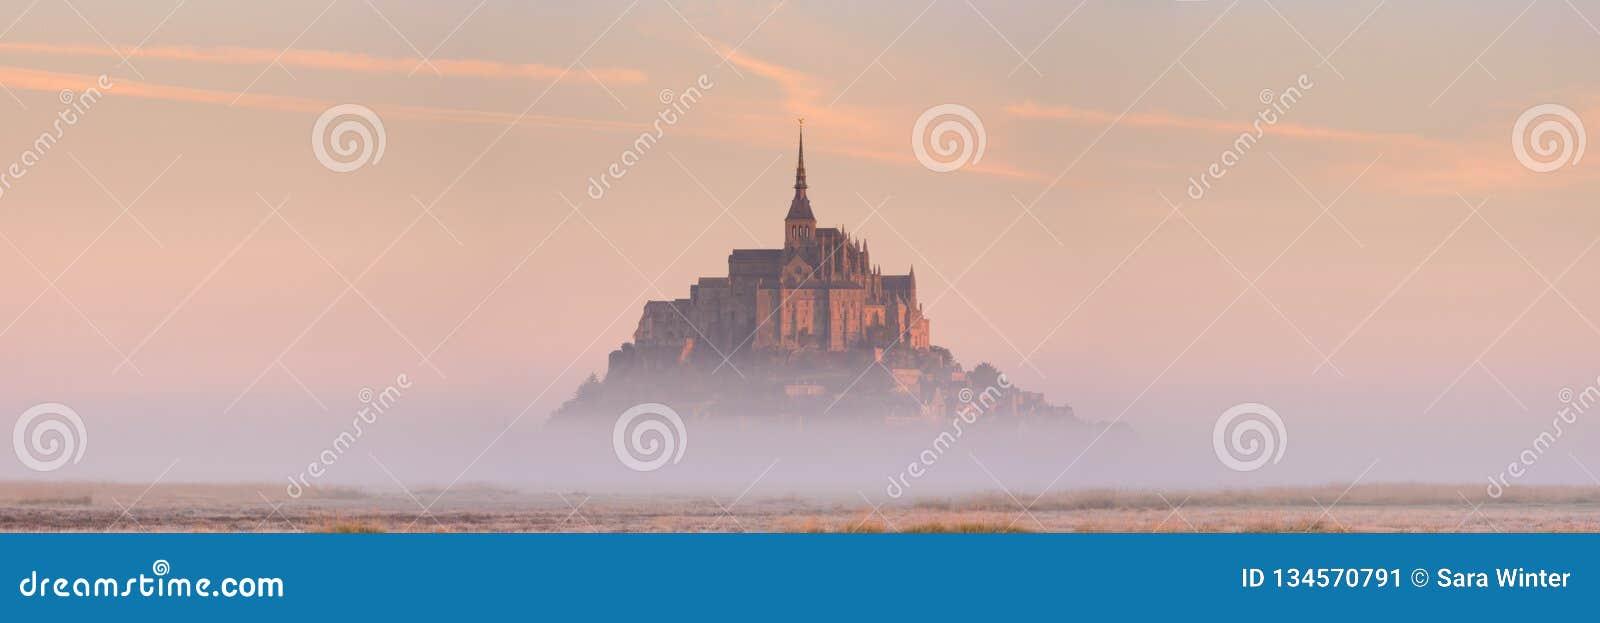 Le Mont Saint Michel em Normandy, França no nascer do sol